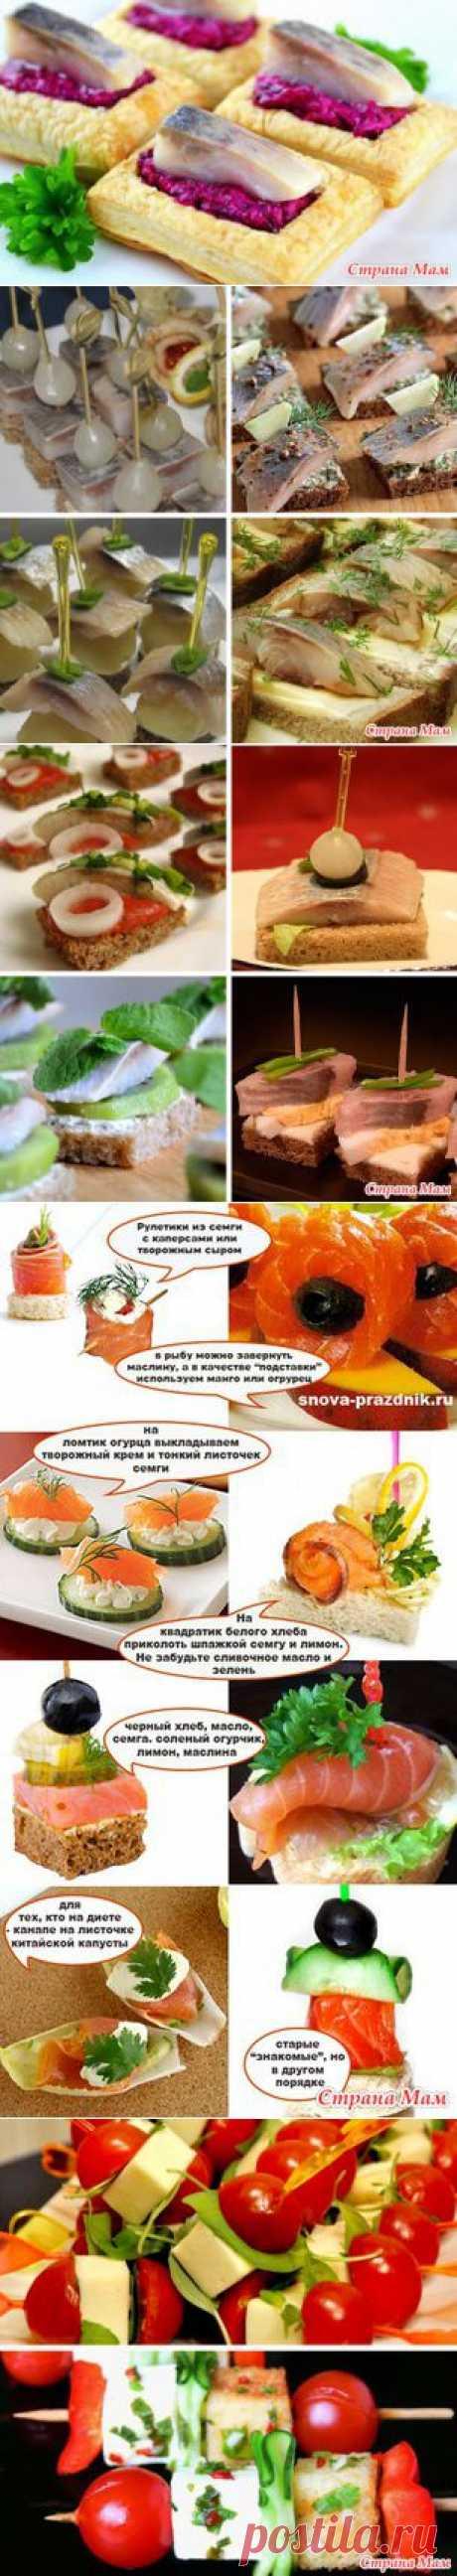 Новогодние канапе.10 идей для фуршета! Красиво и вкусно!!! | 4vkusa.ru